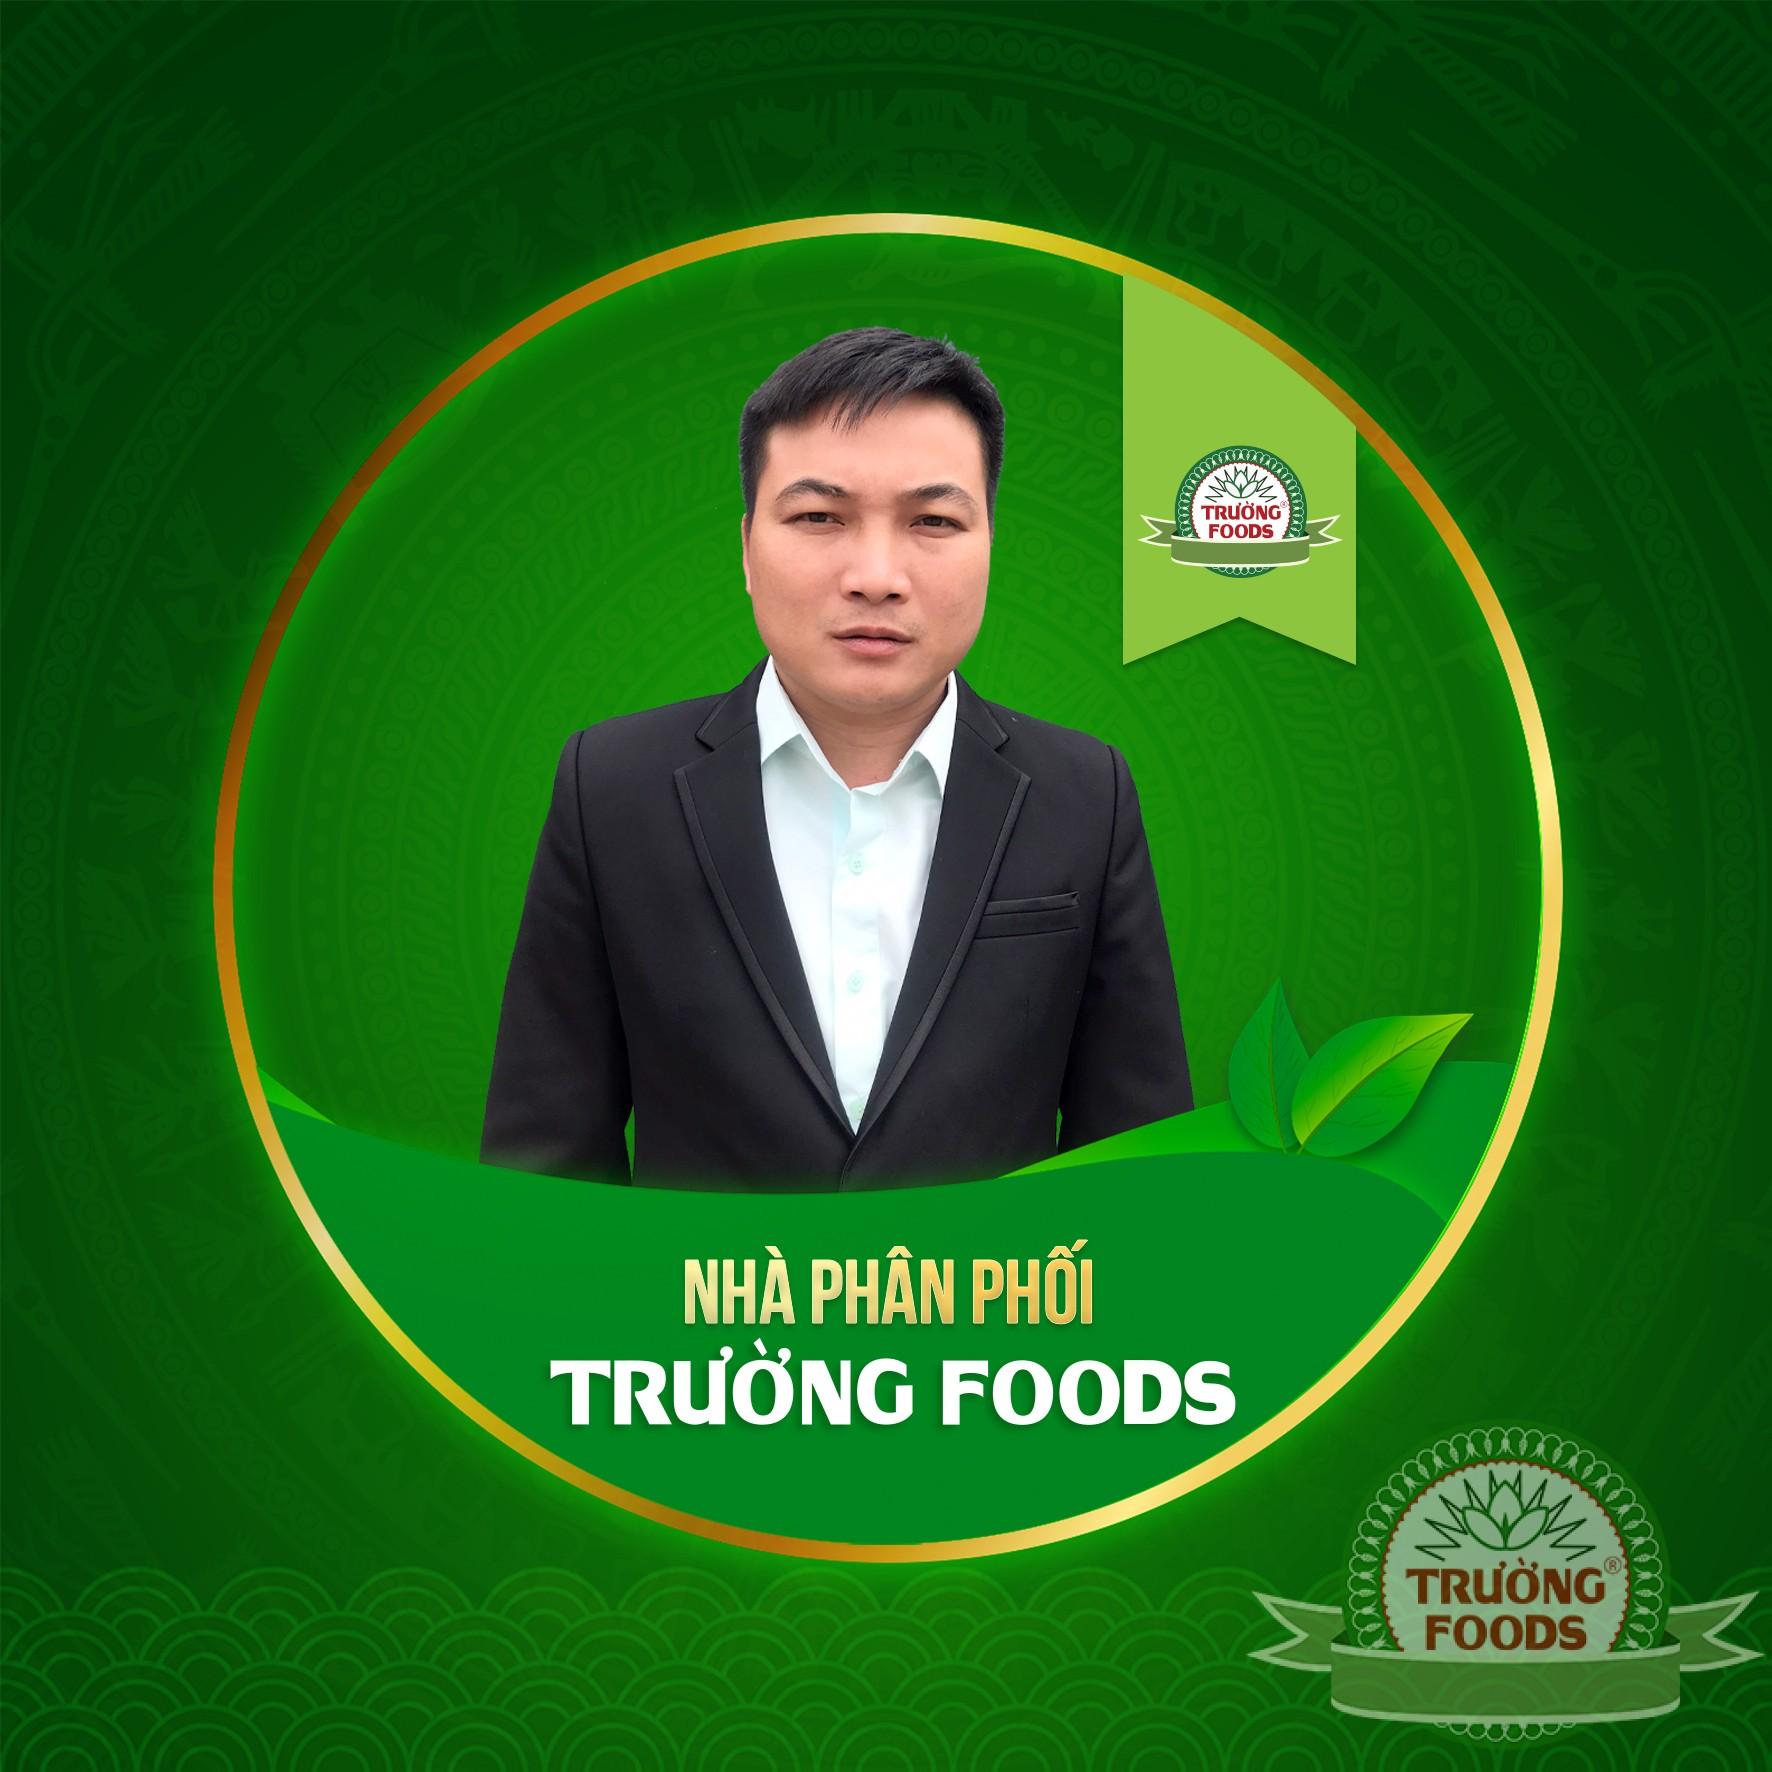 Chào mừng Đường Văn Thế trở thành Nhà phân phối của Trường Foods.